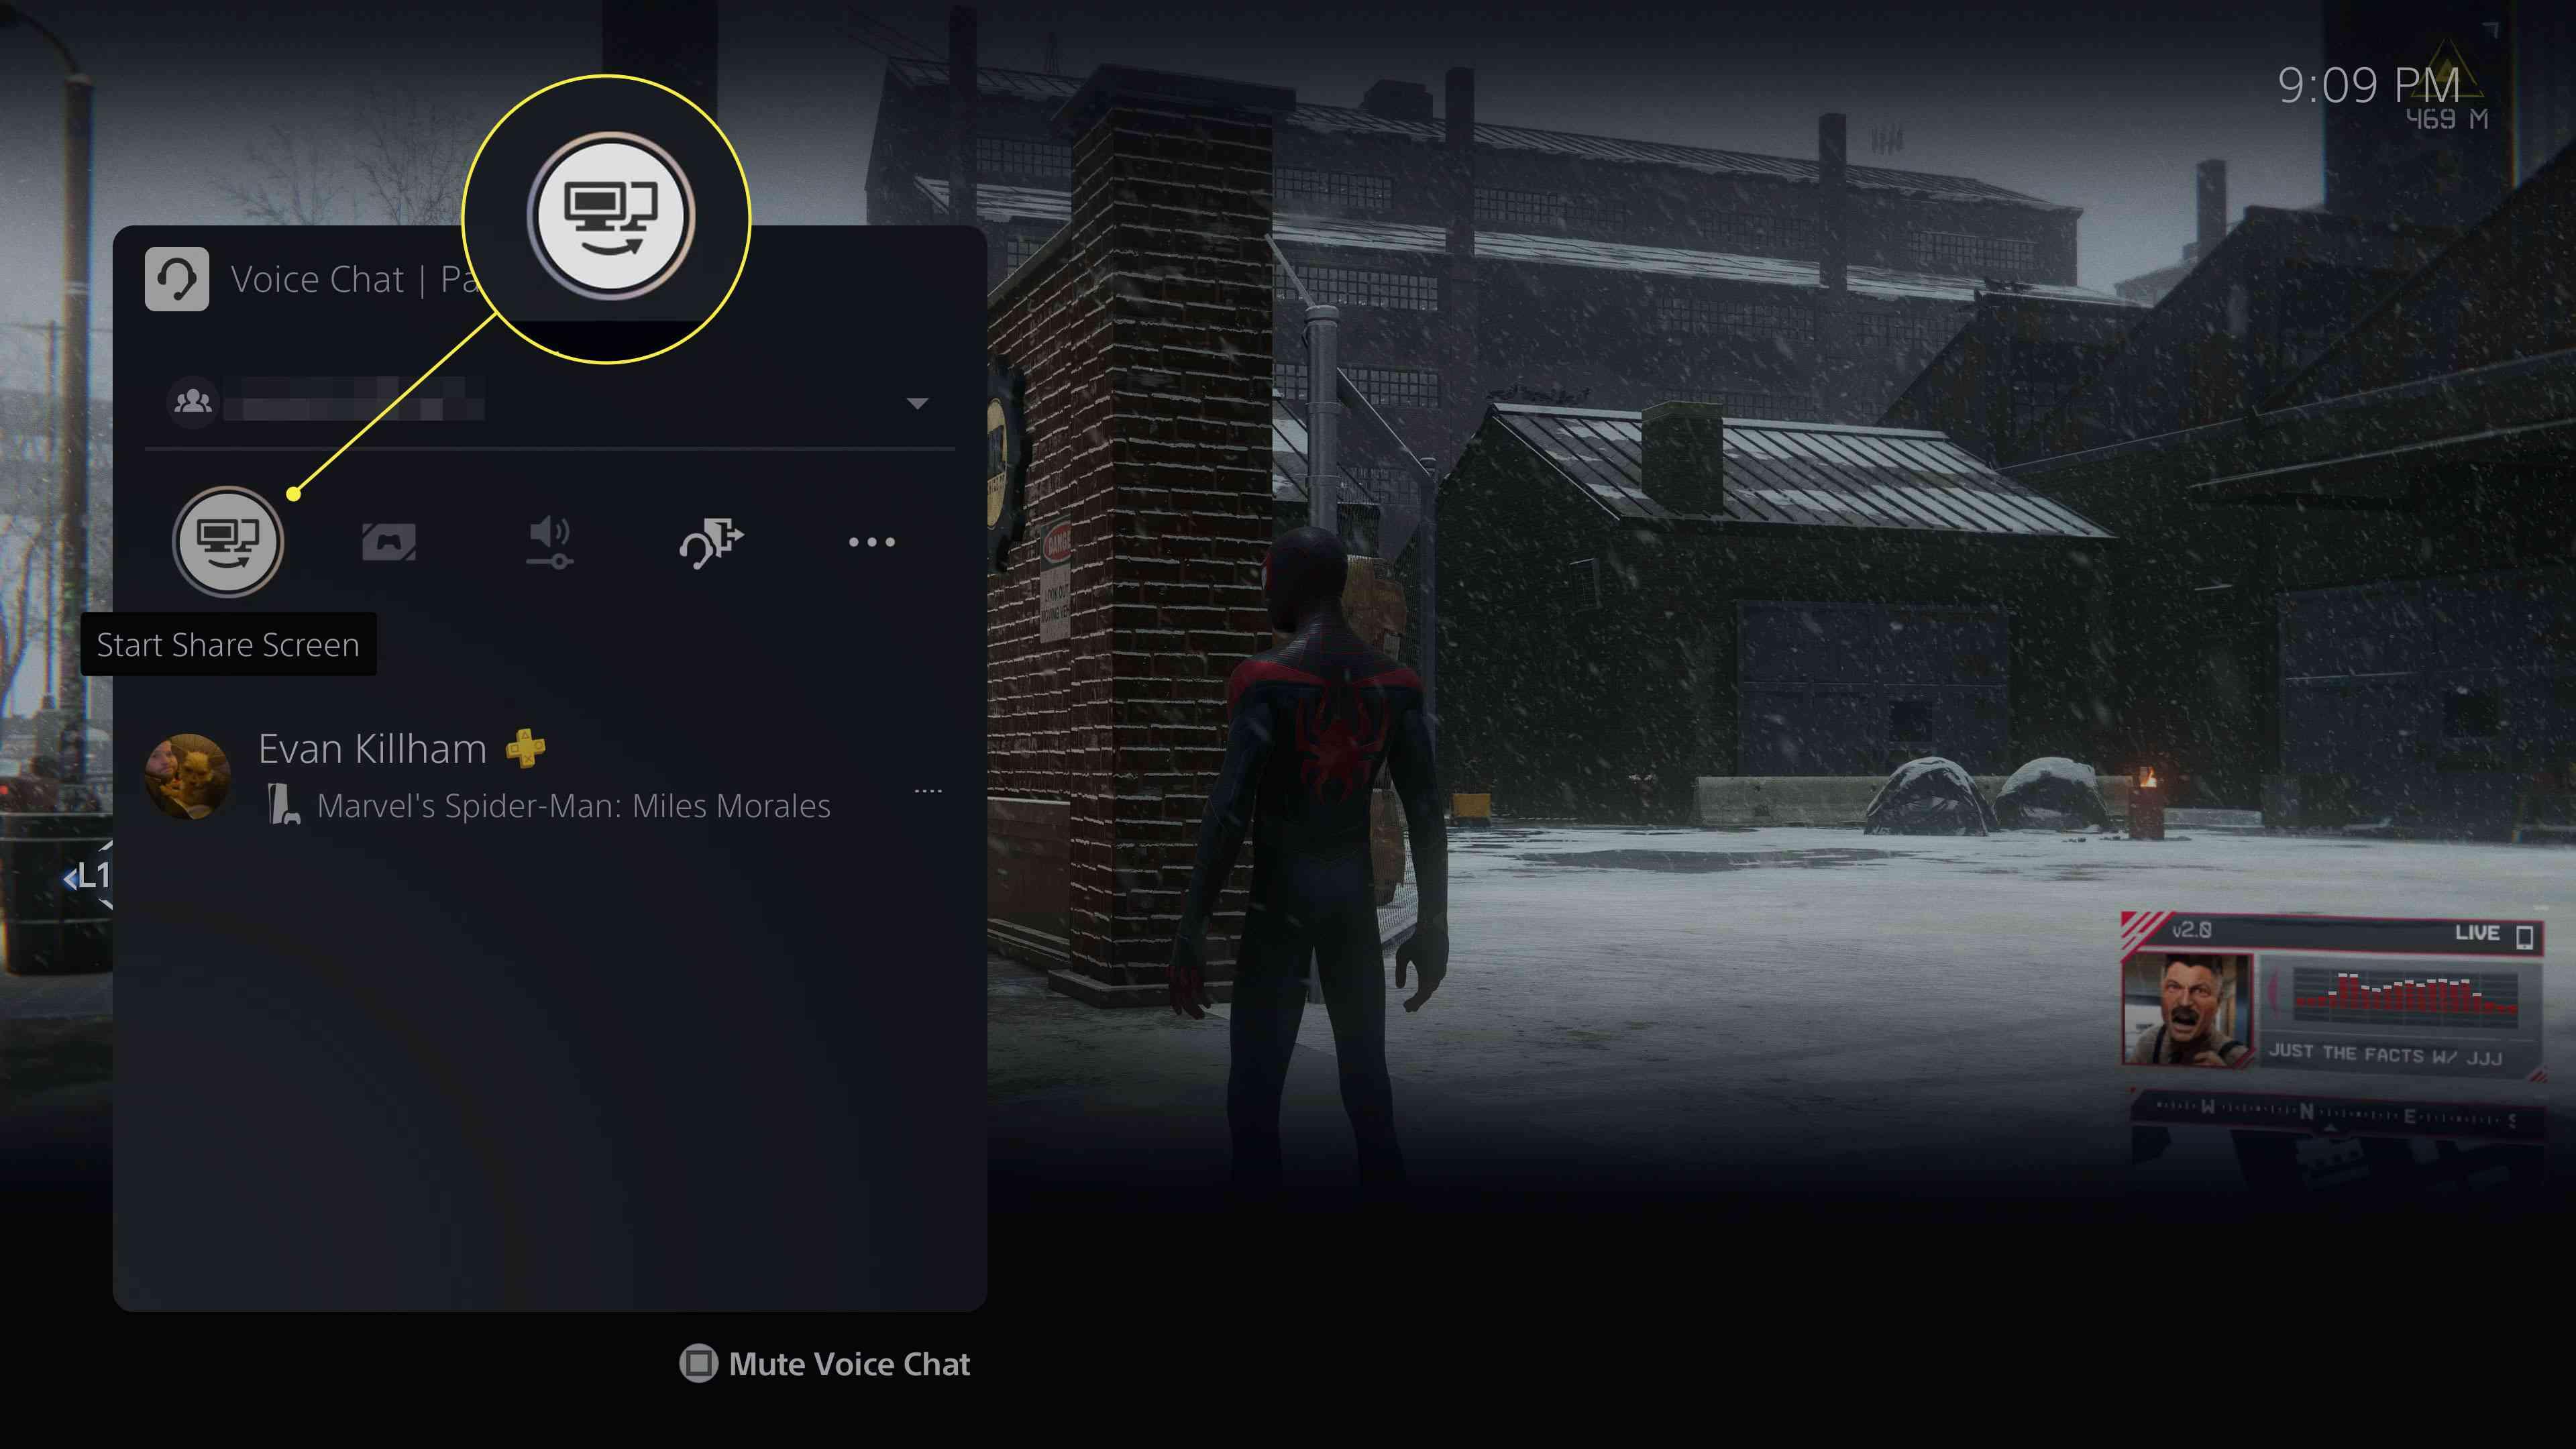 The Start Share Screen button